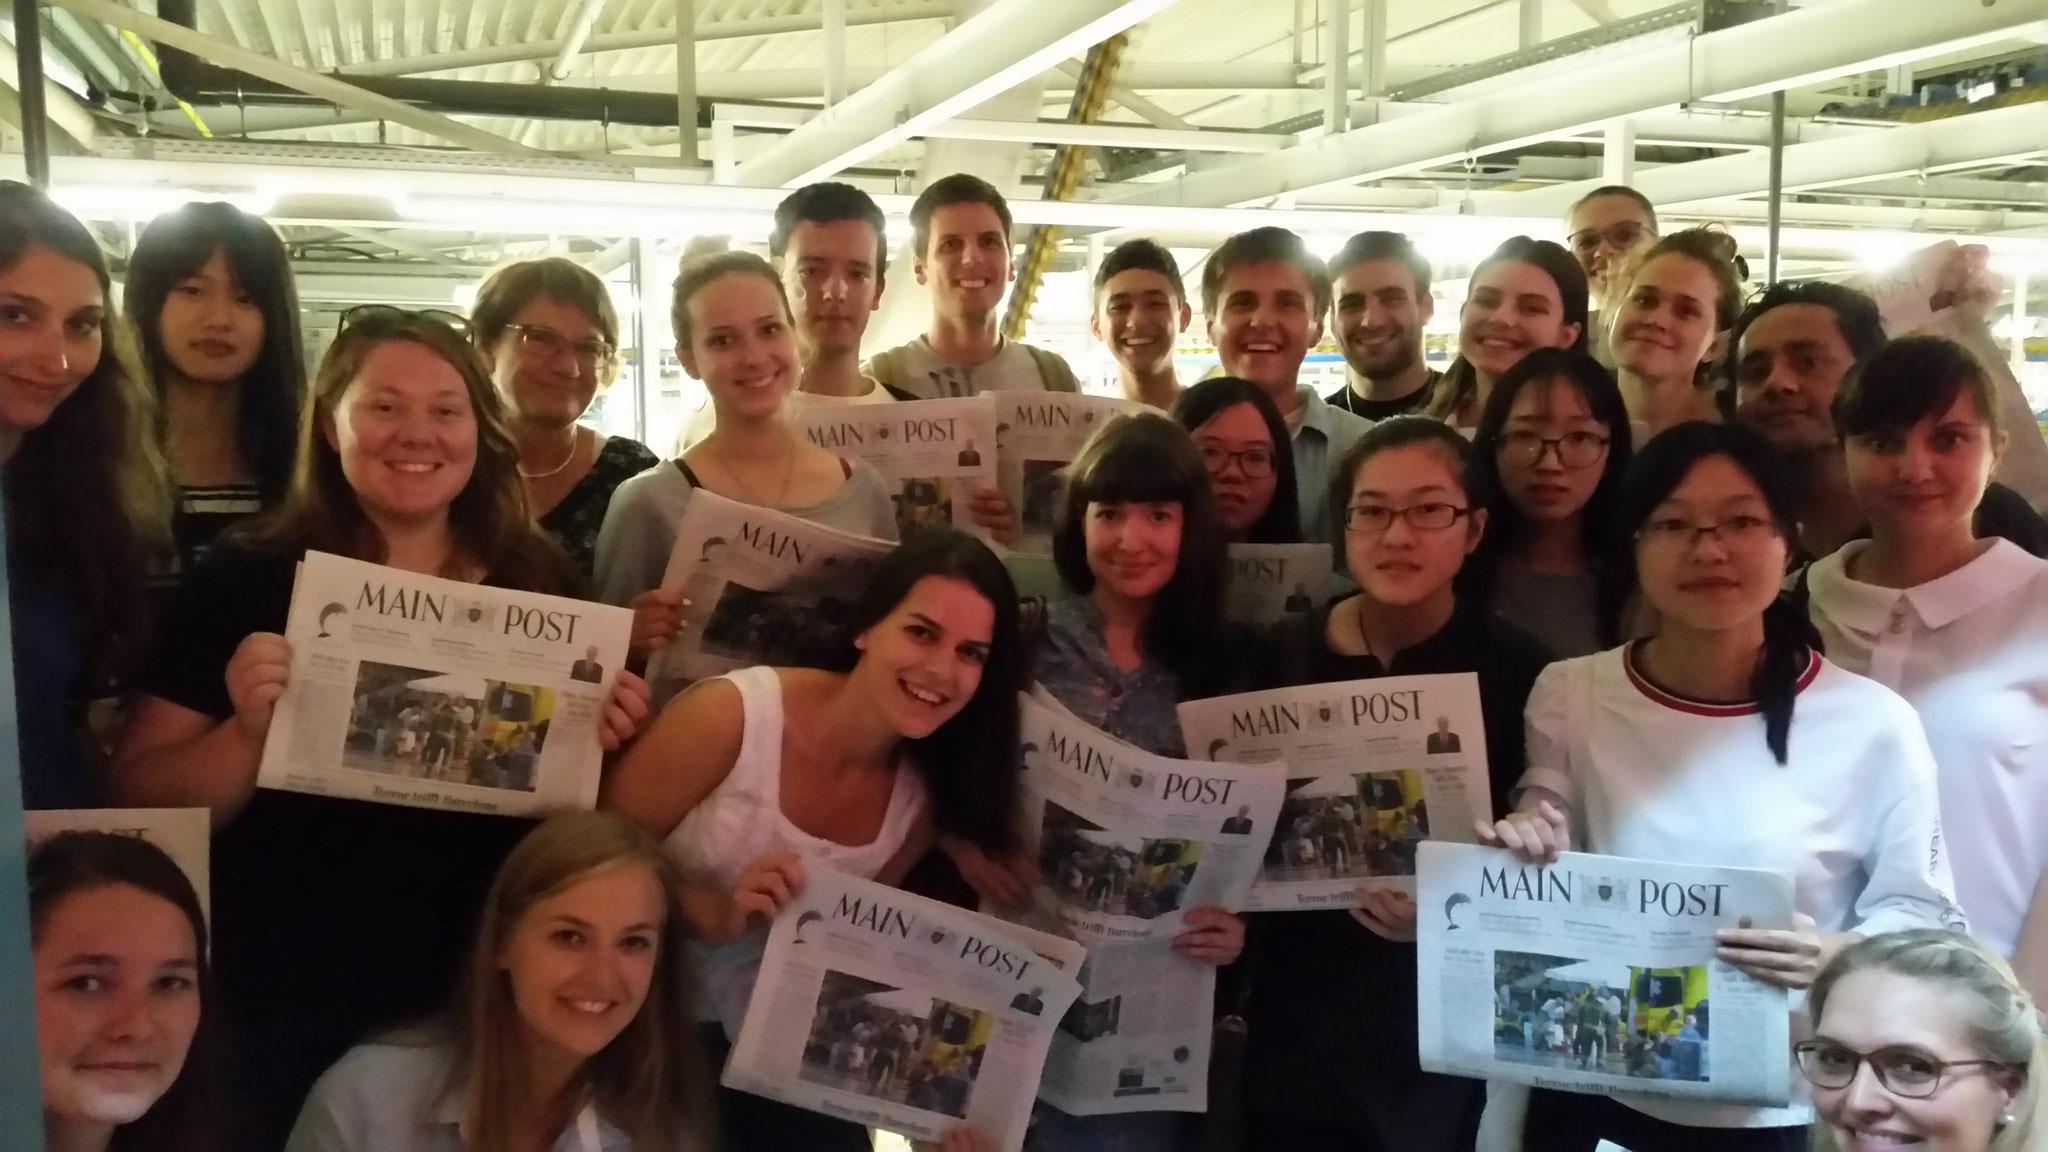 Deutsch-Sommersprachkurs Universität Würzburg, Deutsch lernen in Würzburg, Kulturprogramm, Führung bei der Mainpost Mediengruppe